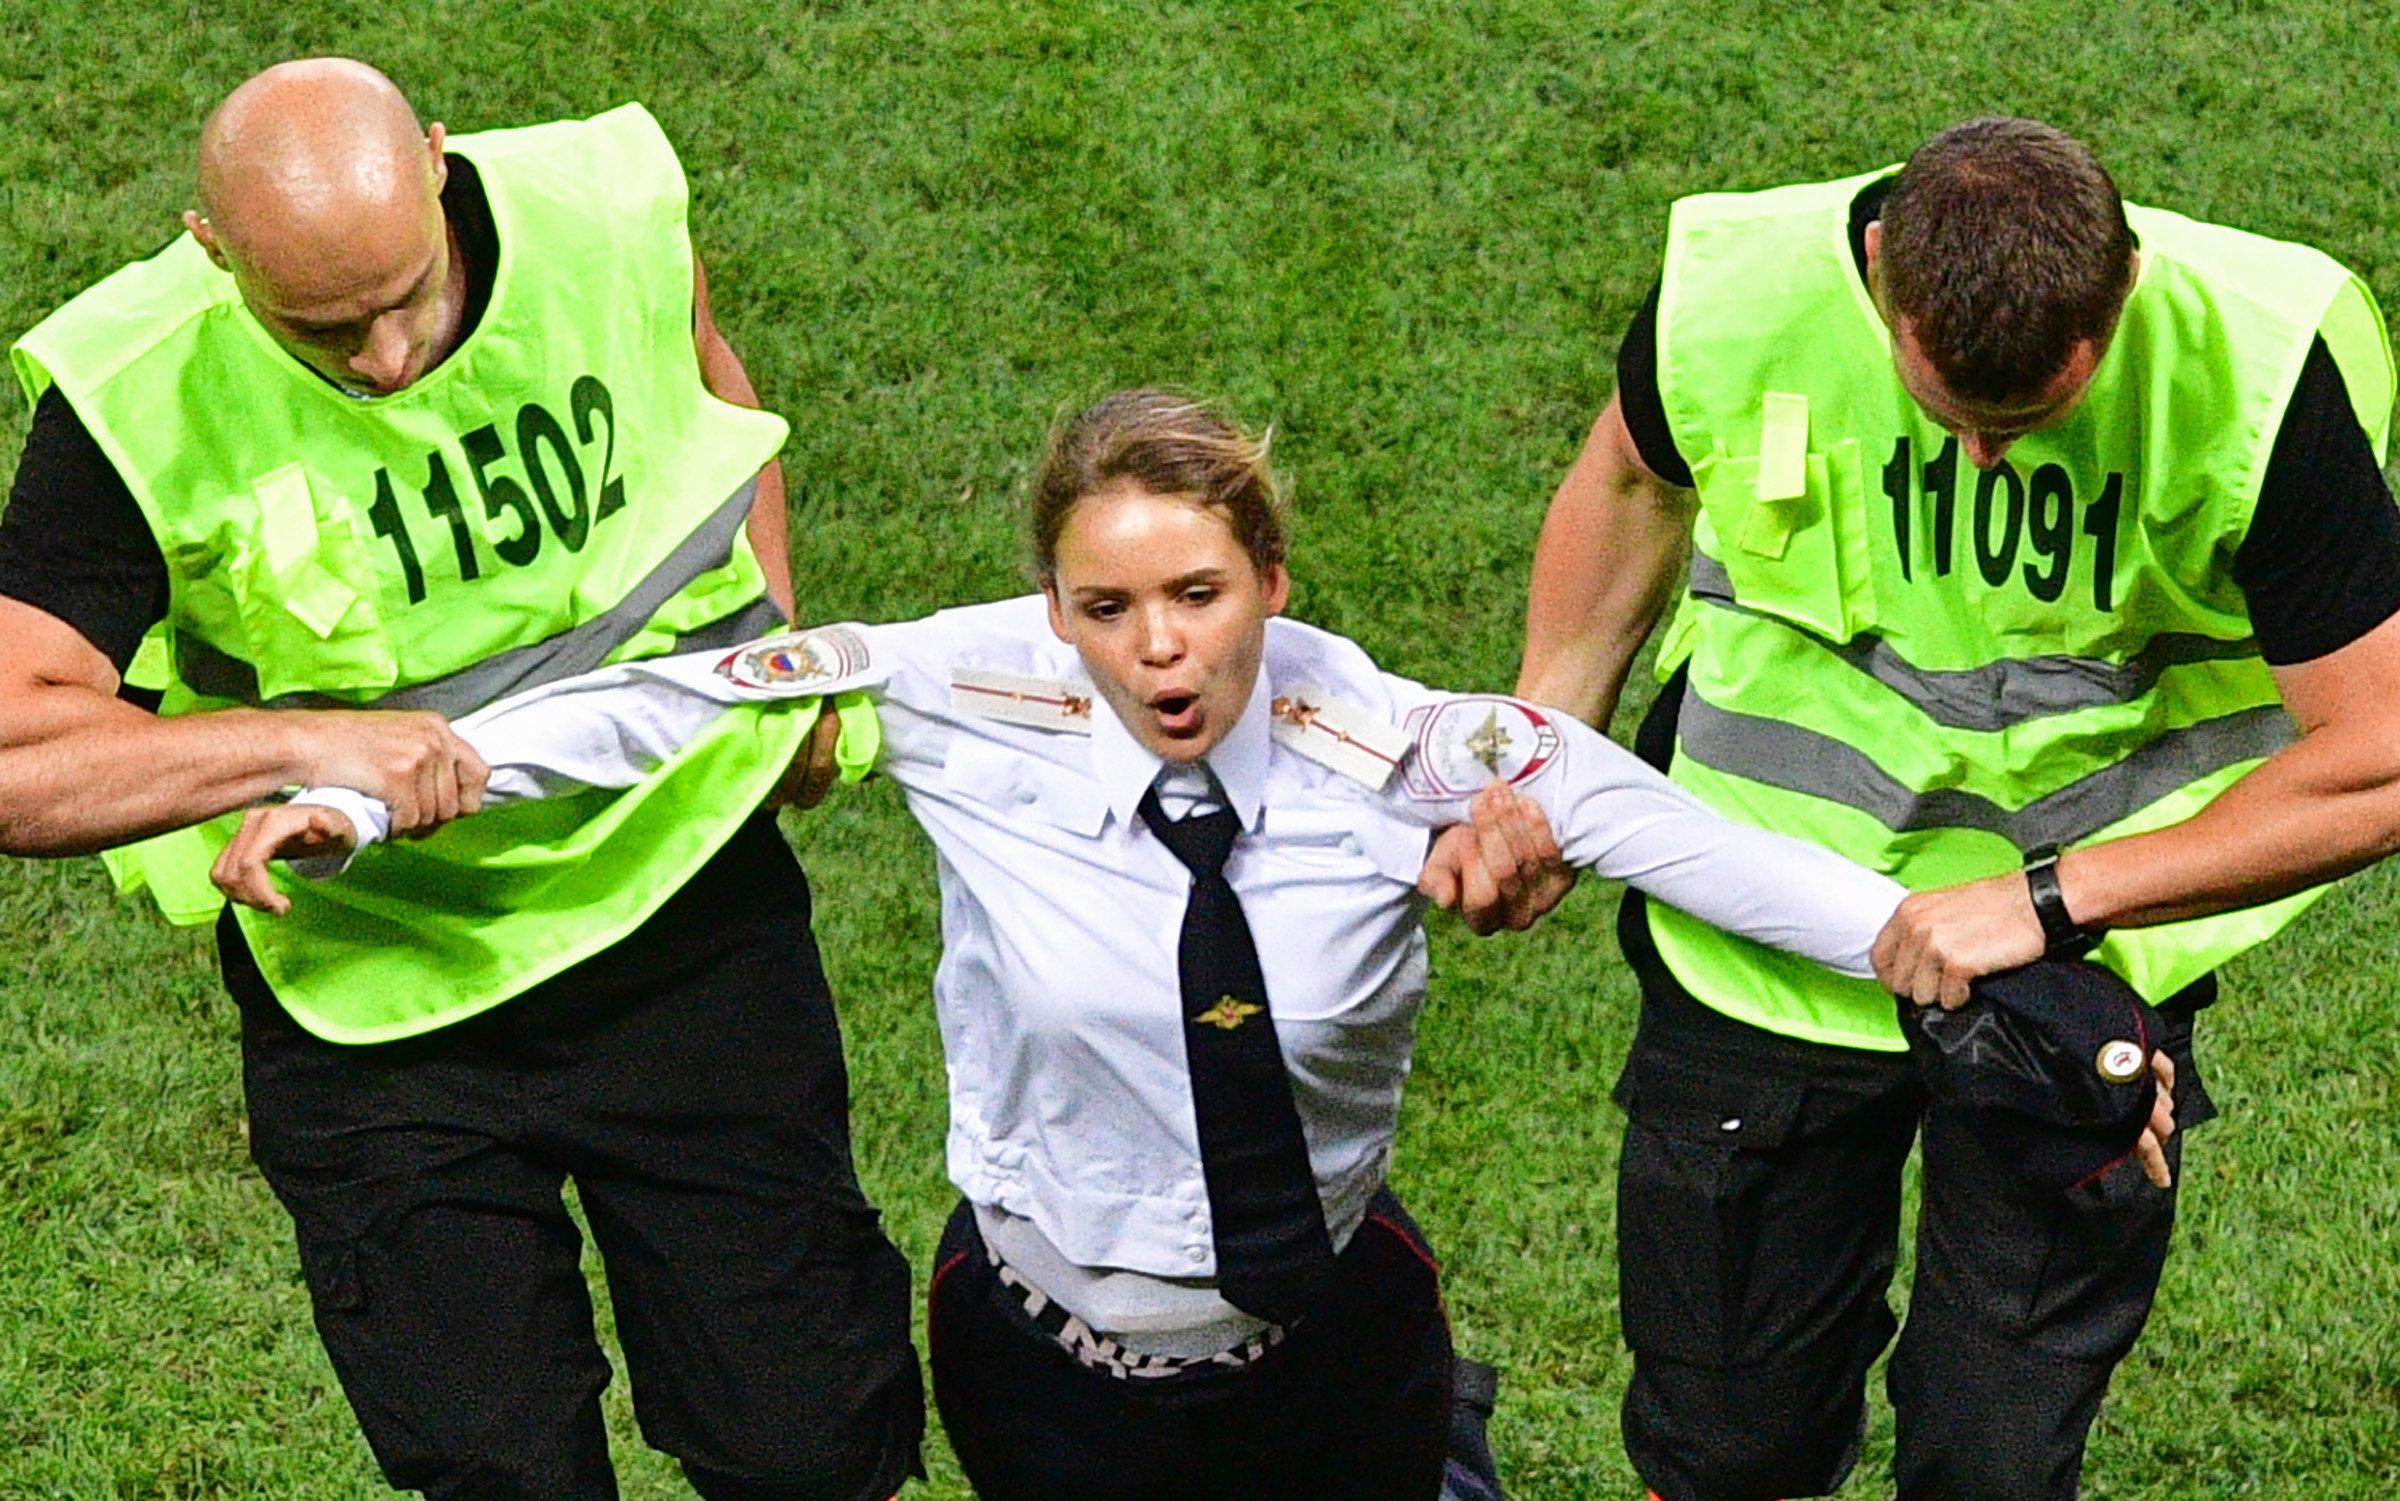 월드컵 결승전 난입했던 '푸시 라이엇'이 법원으로부터 받은